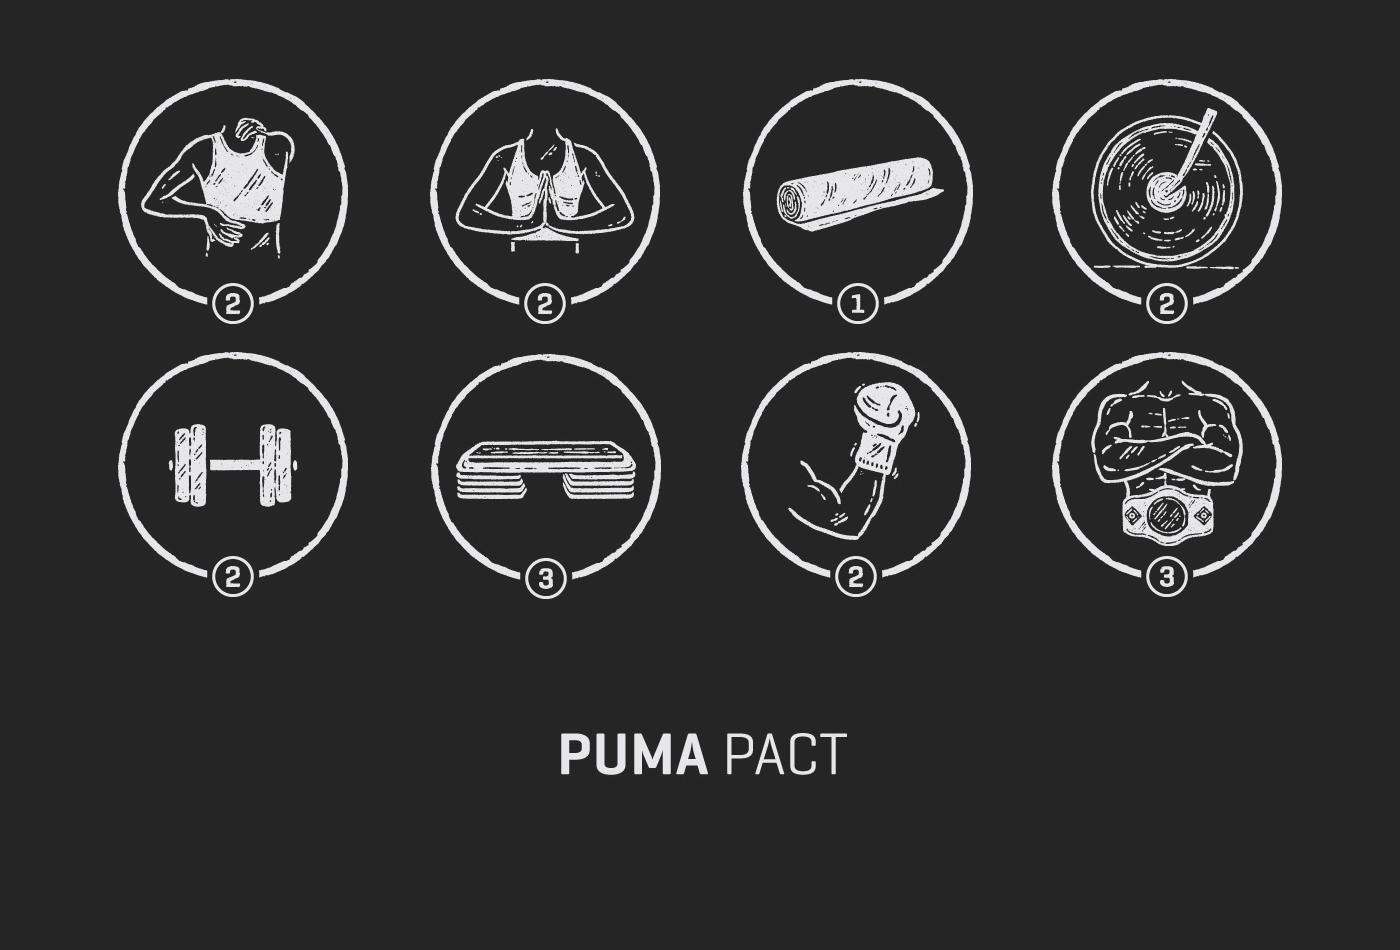 C-puma-pumatrac-pact-run-running-pumashoes-shoes-vacaliebres